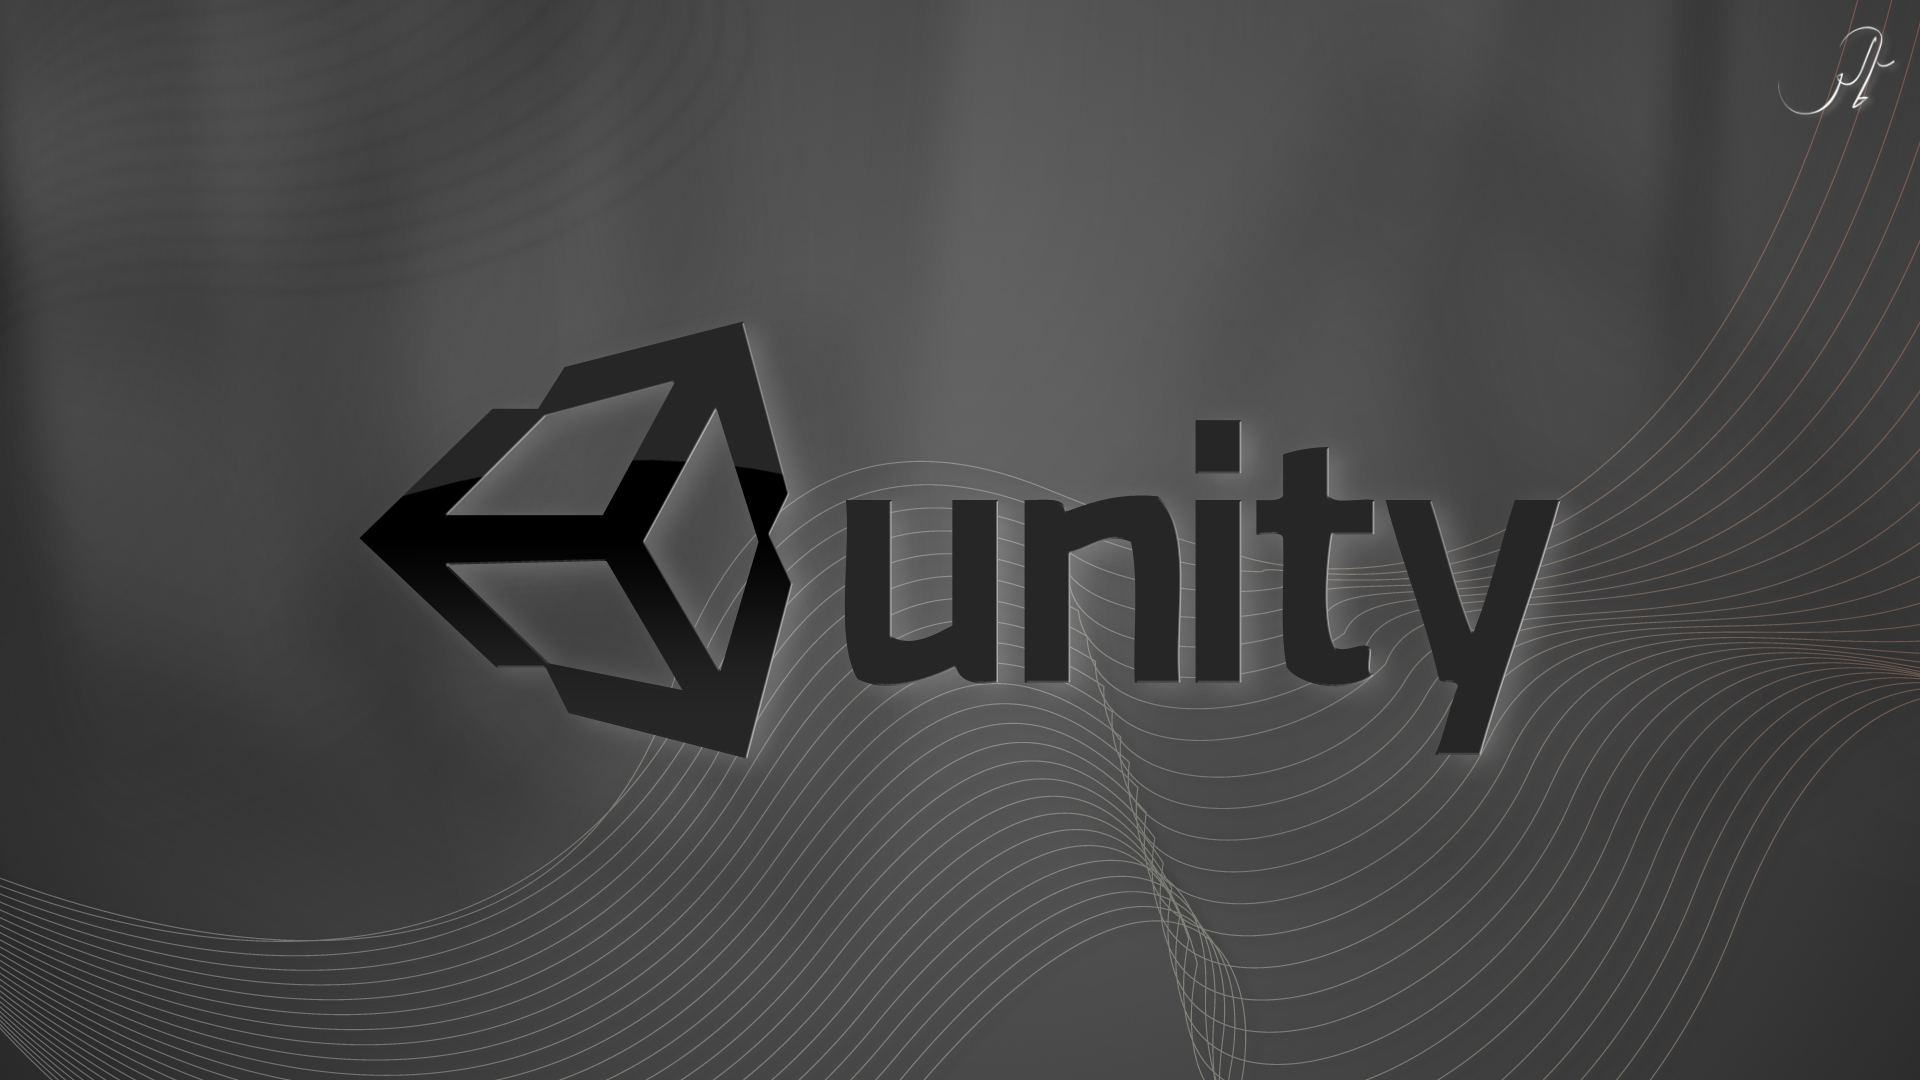 $Unity Wallpaper.jpg